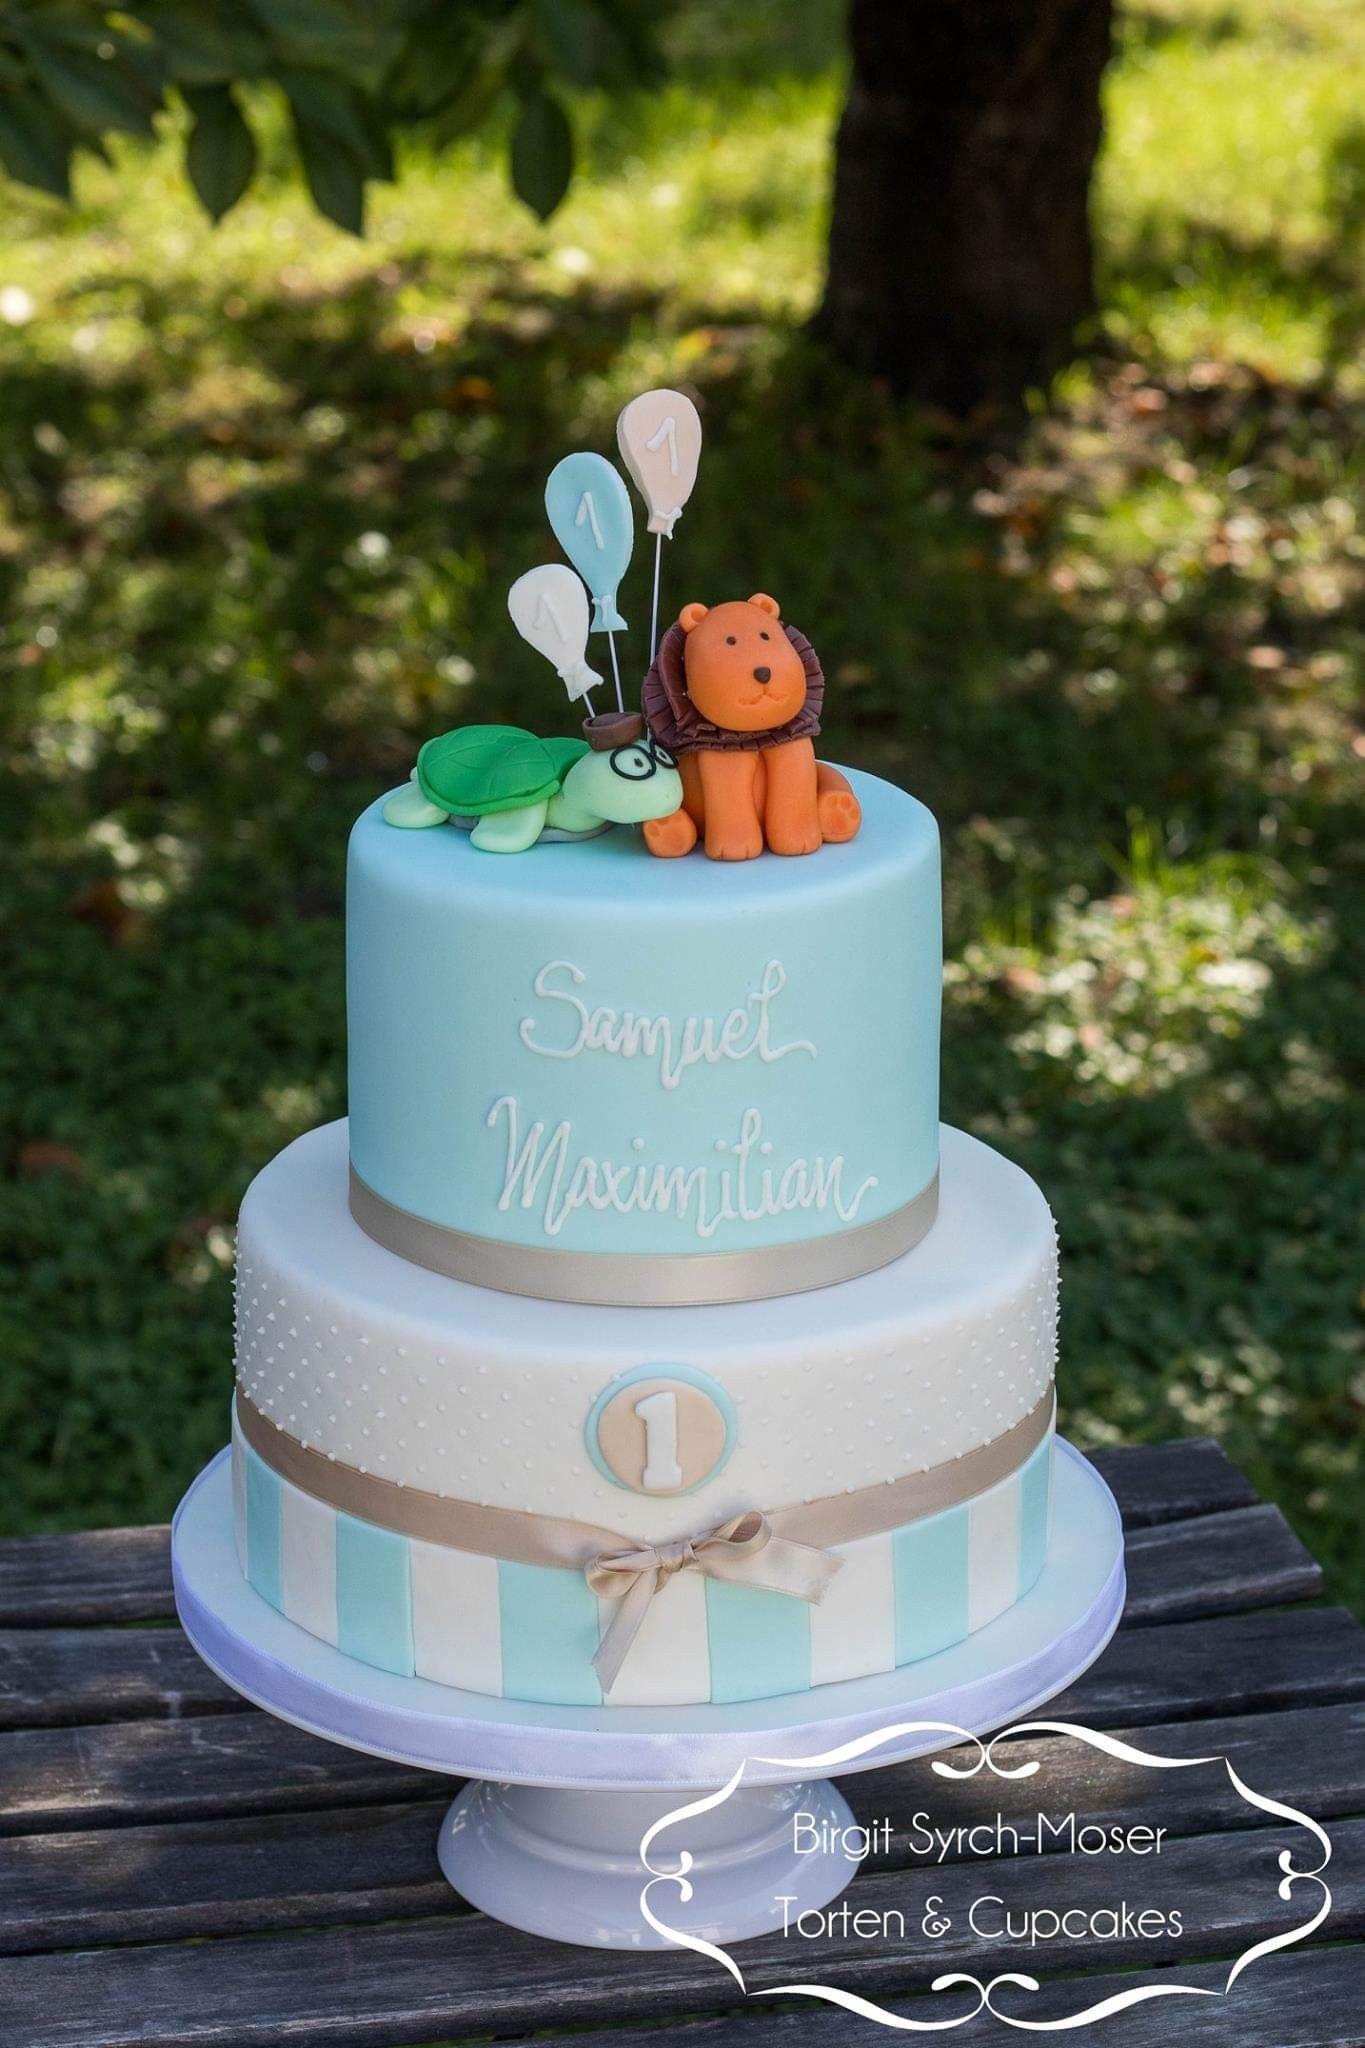 Schildkrote Tiger 1 Geburtstag Birthday Cake